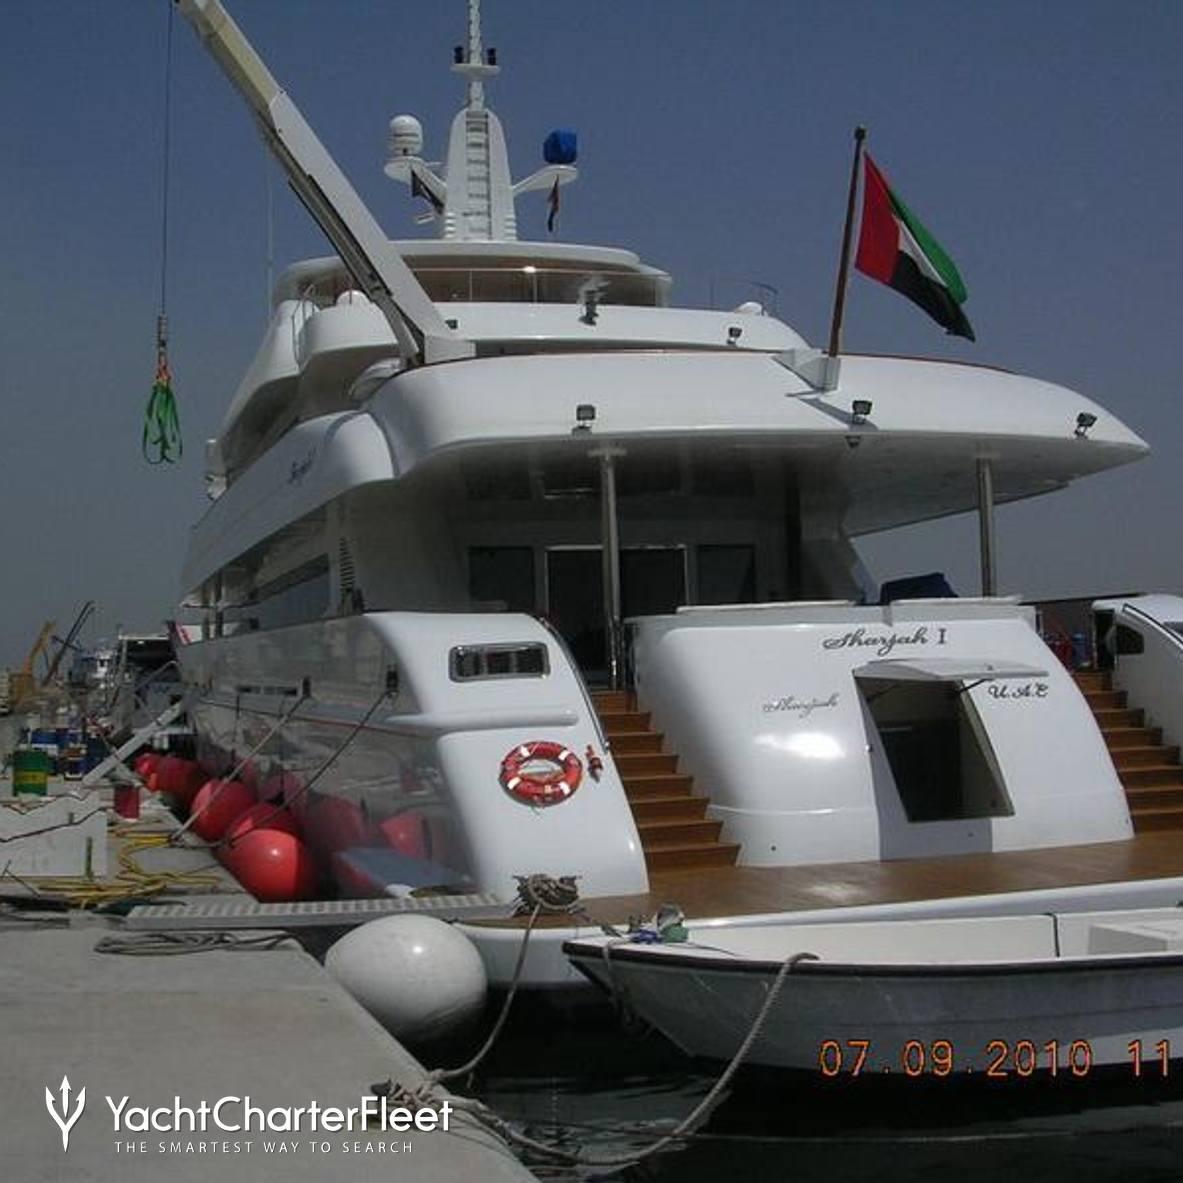 Sharjah 1 photo 4